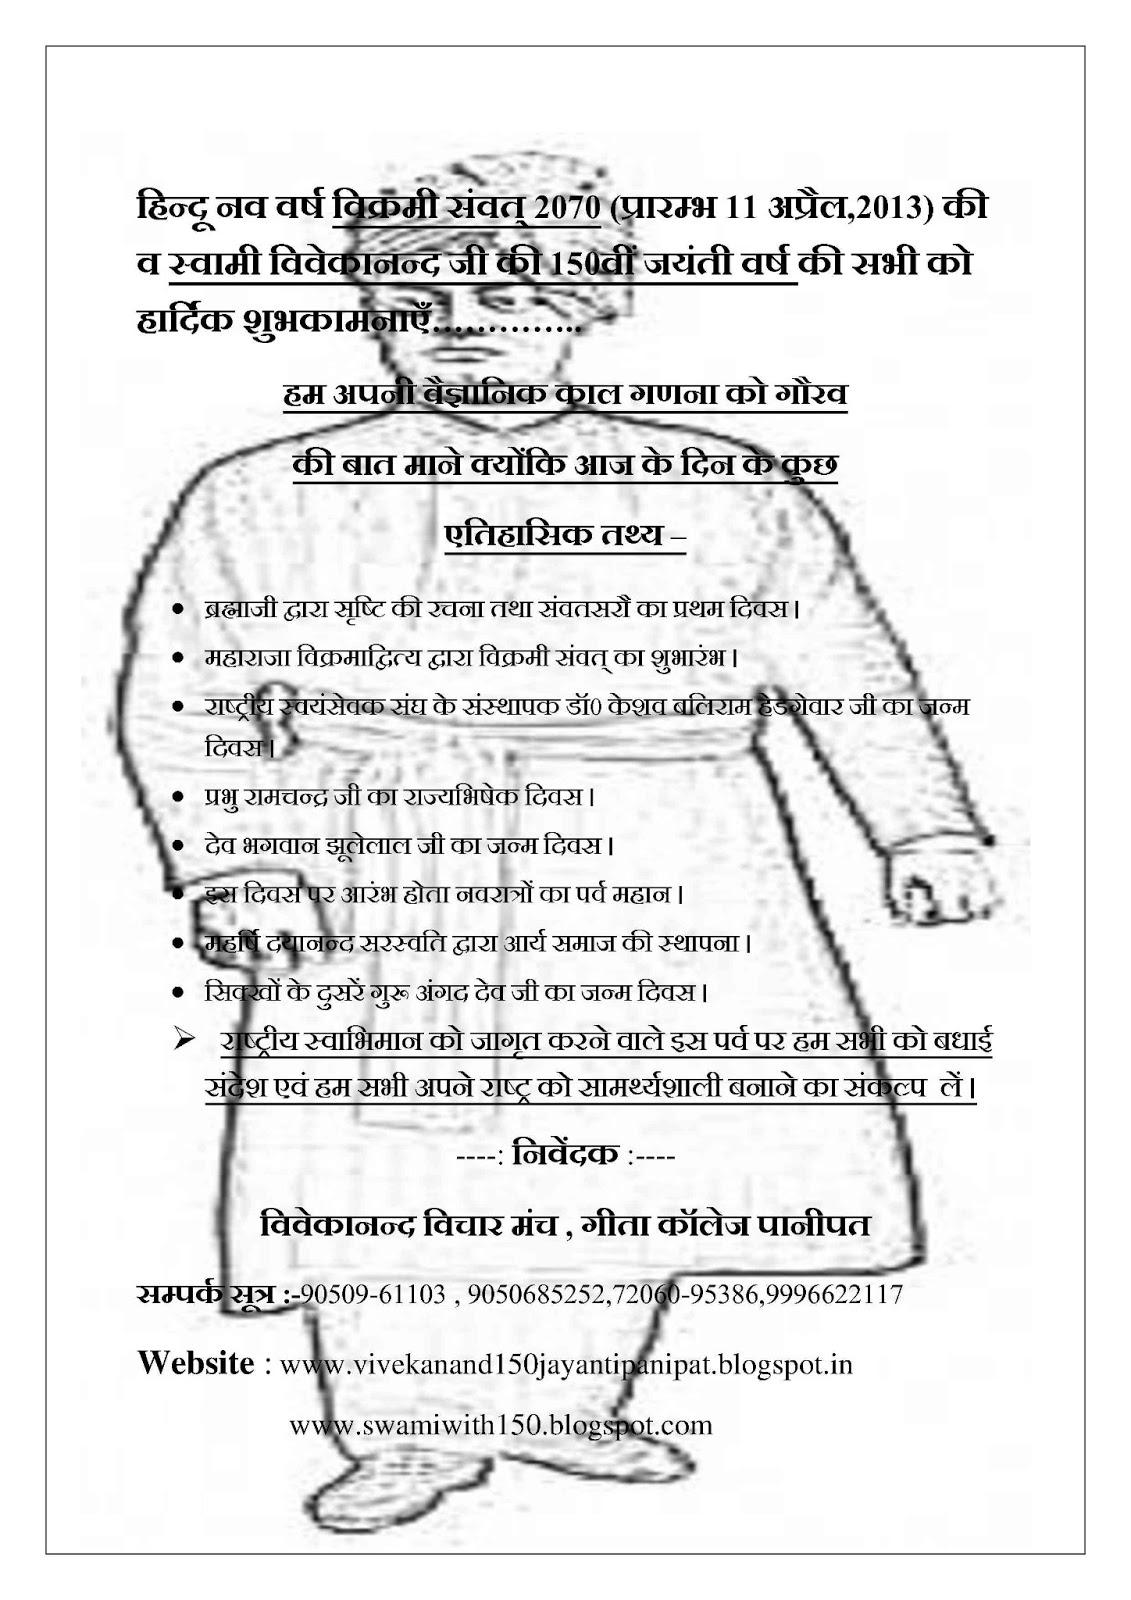 events at panipat to celebrate swami vivekanand th jayanti hindu nav varsh ki hardik shubh kamnaye